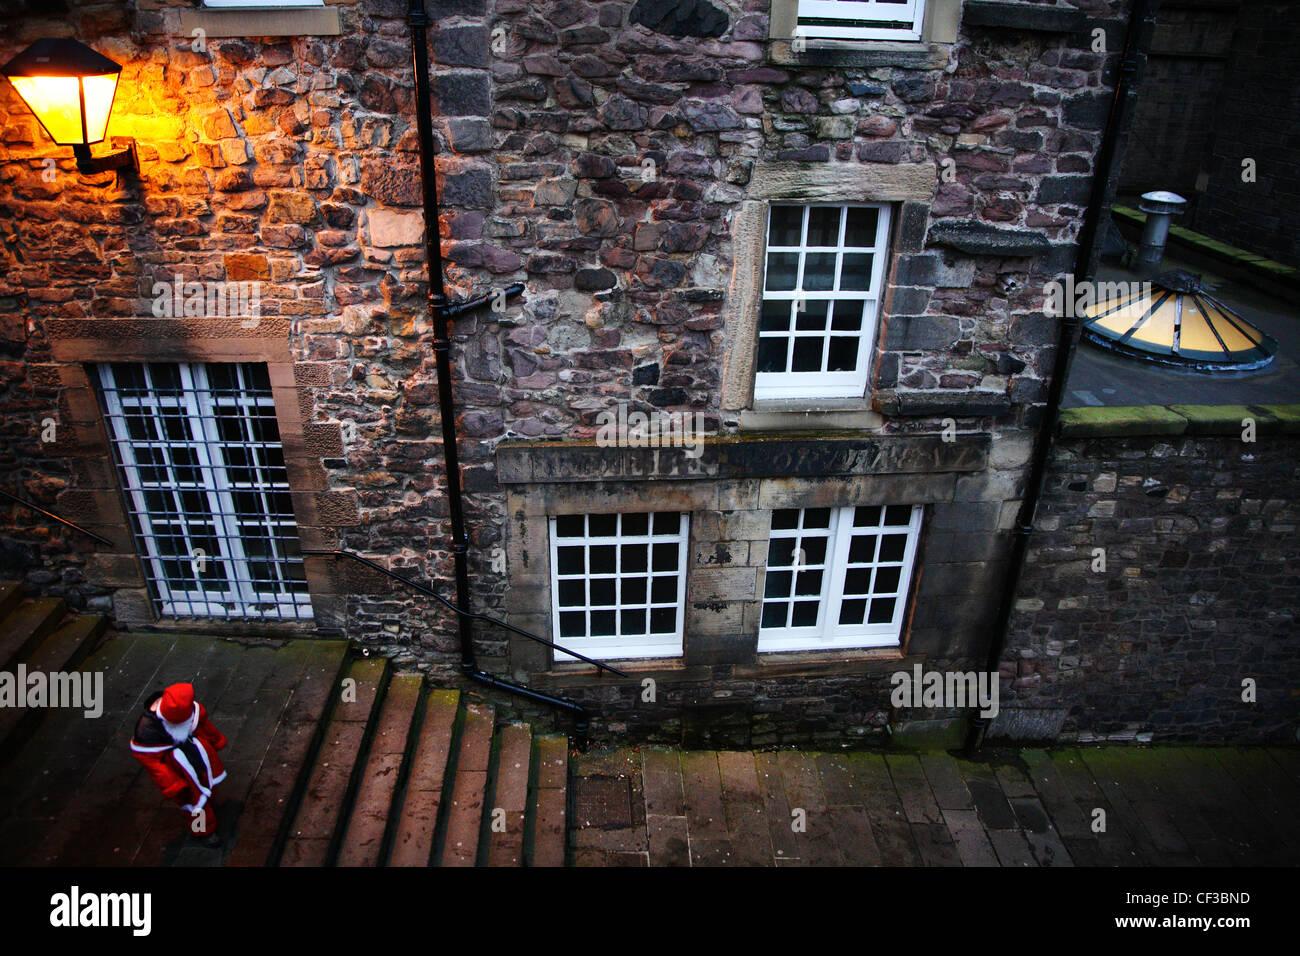 Blick hinunter auf der Straße zu einer Person in Tracht während der Edinburgh Weihnachten Santa schlendern. Stockbild